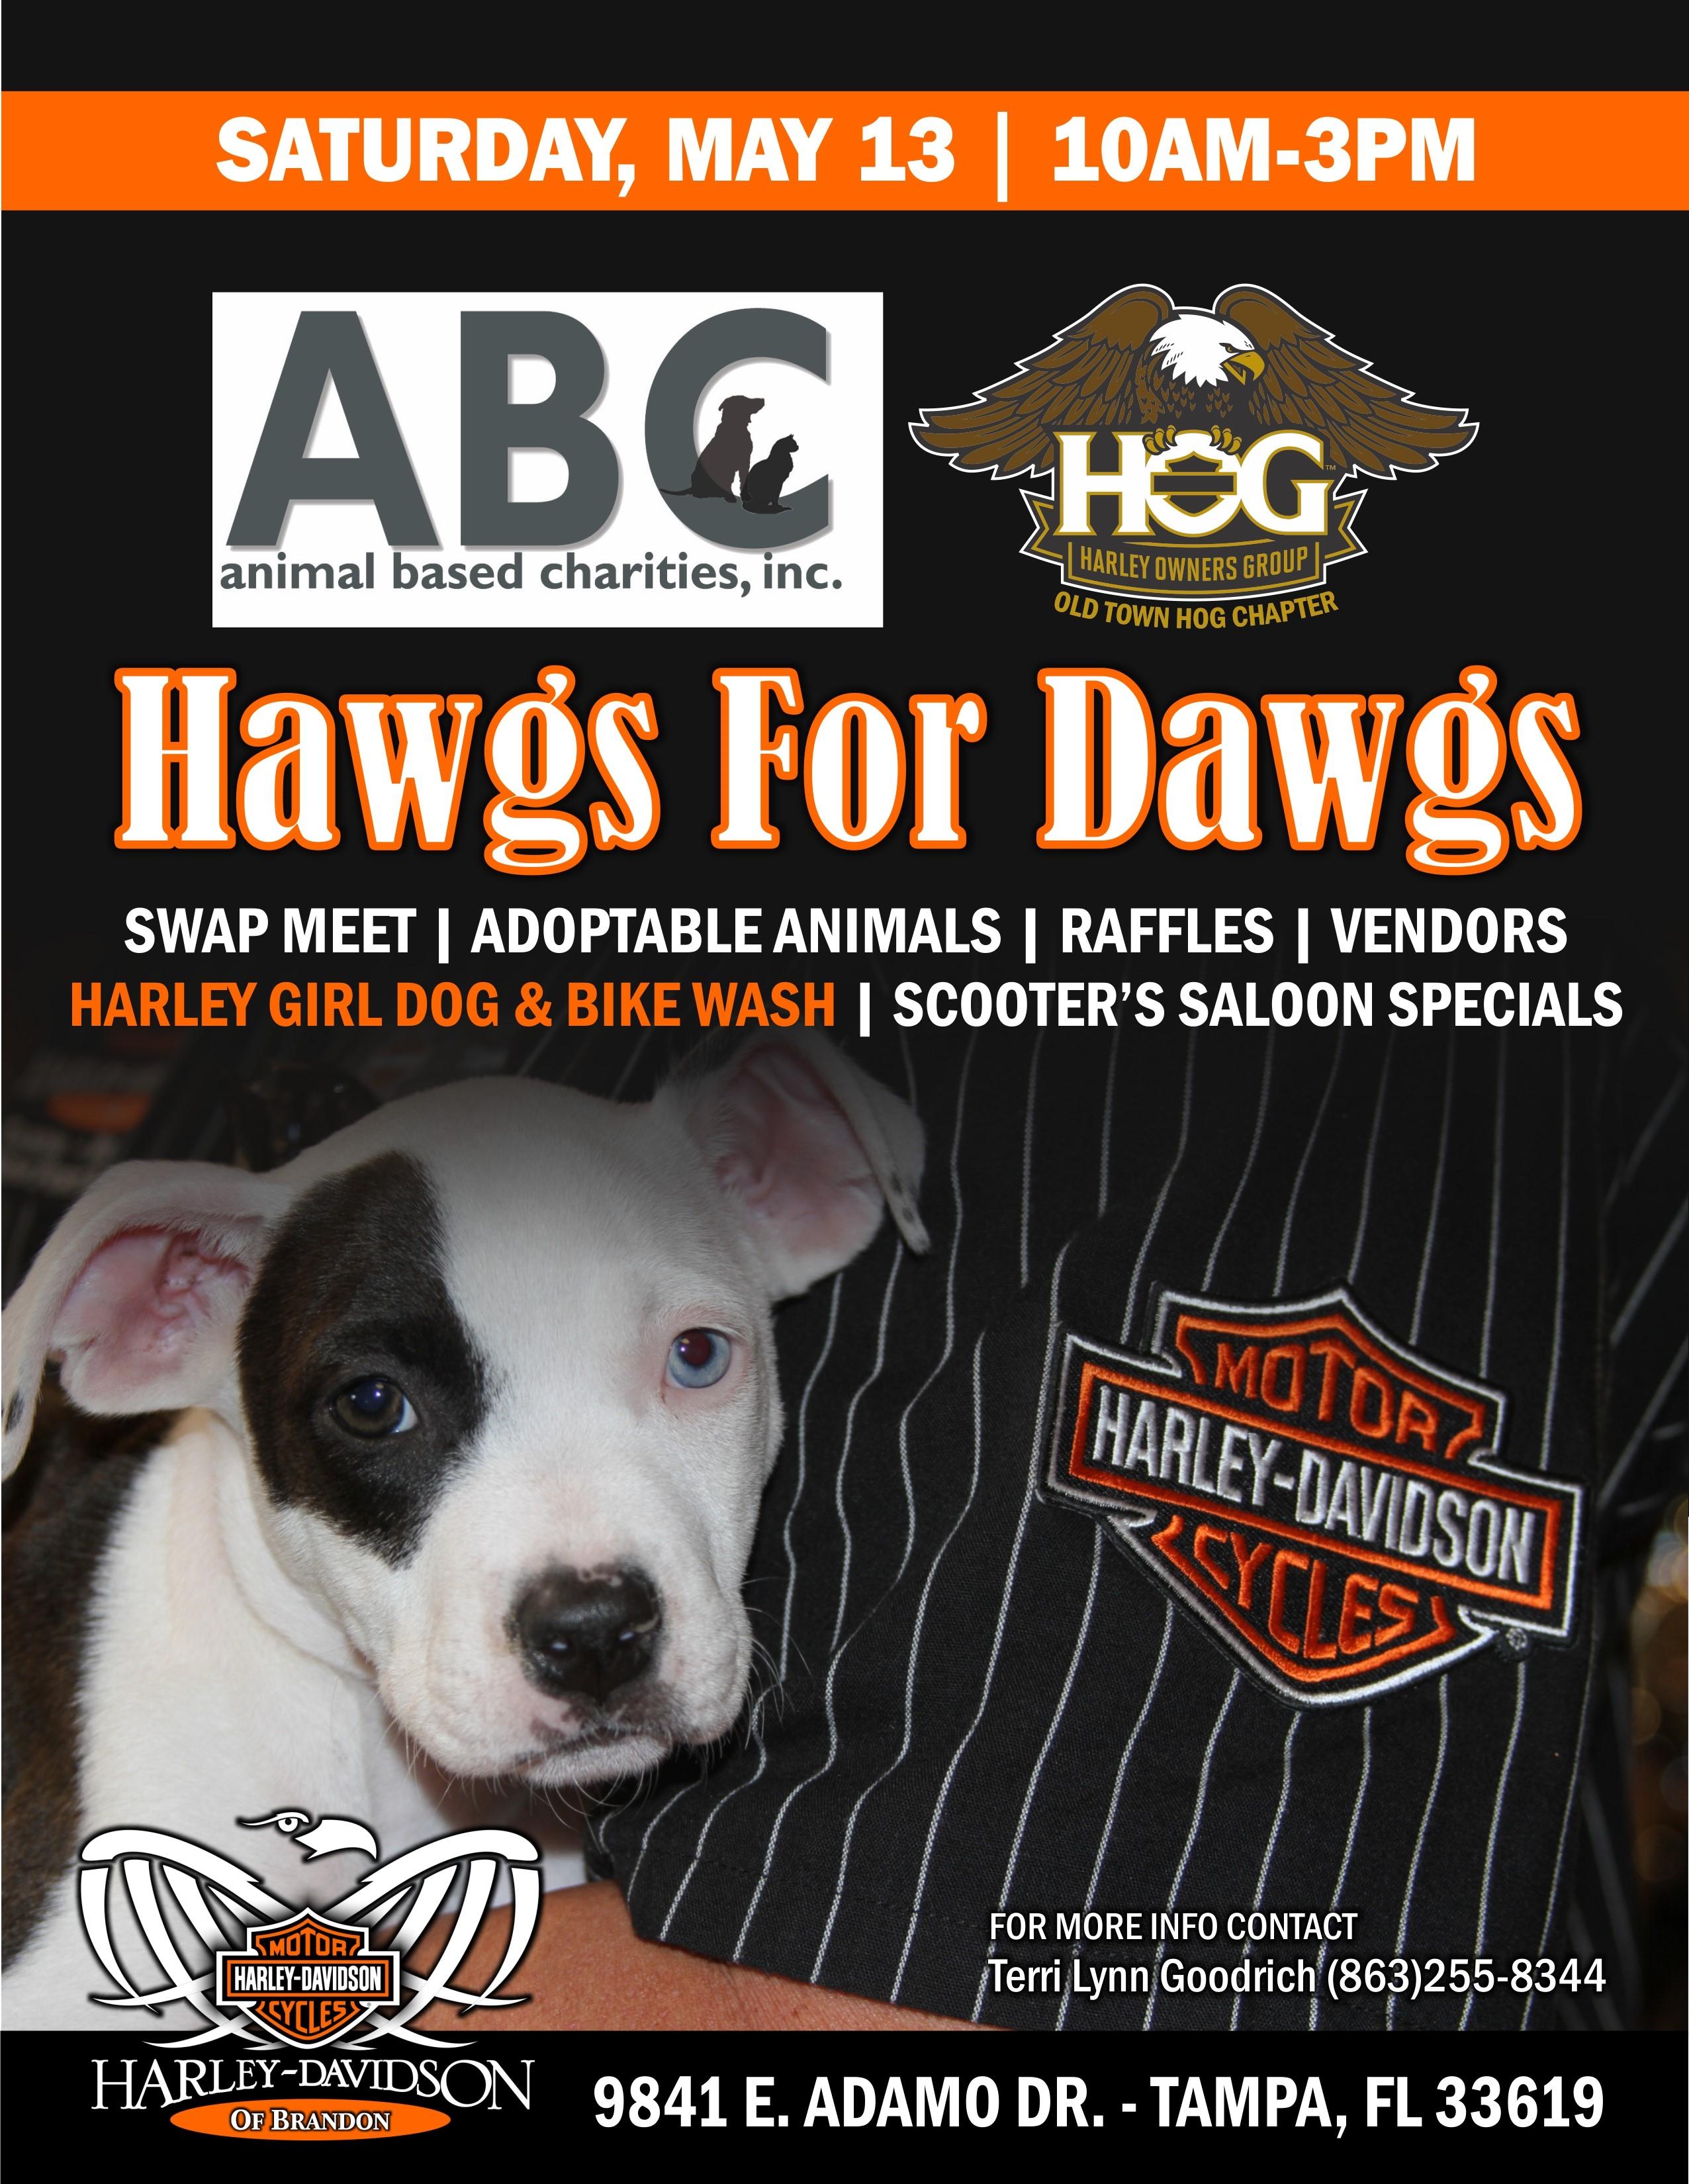 Hawgs for Dawgs